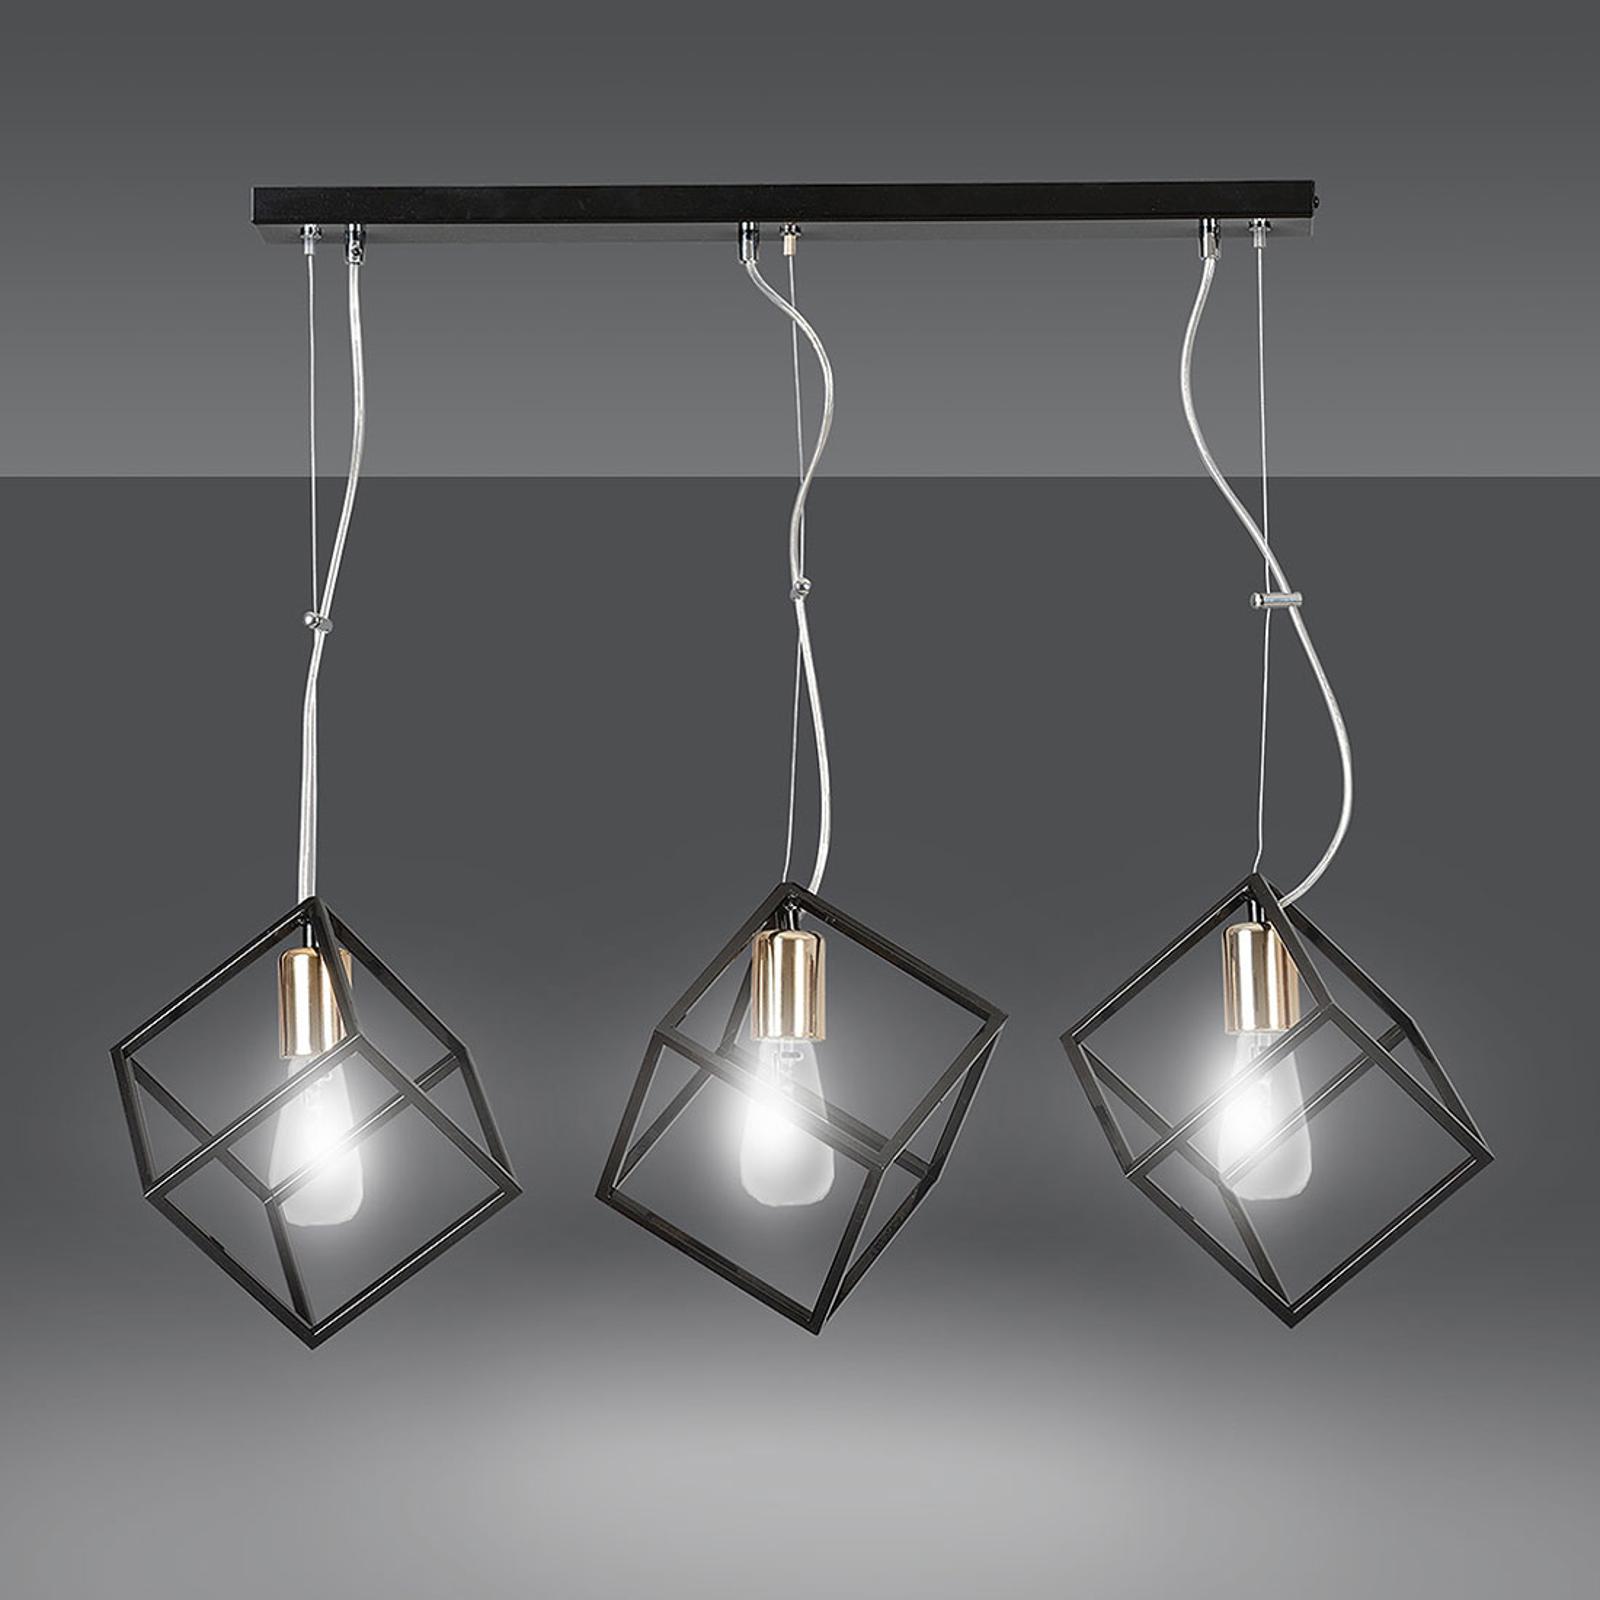 Riippuvalaisin Ambition 3, 3-lamppuinen, musta